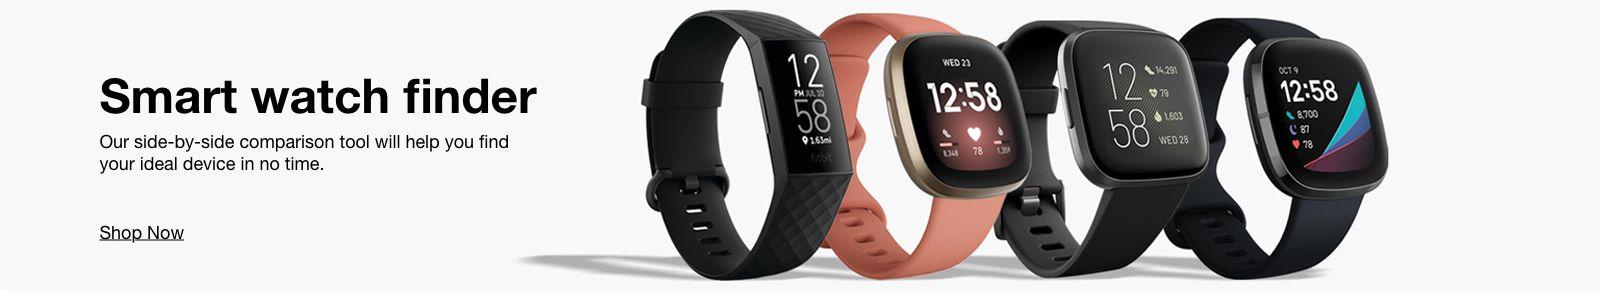 Smart watch finder, Shop Now